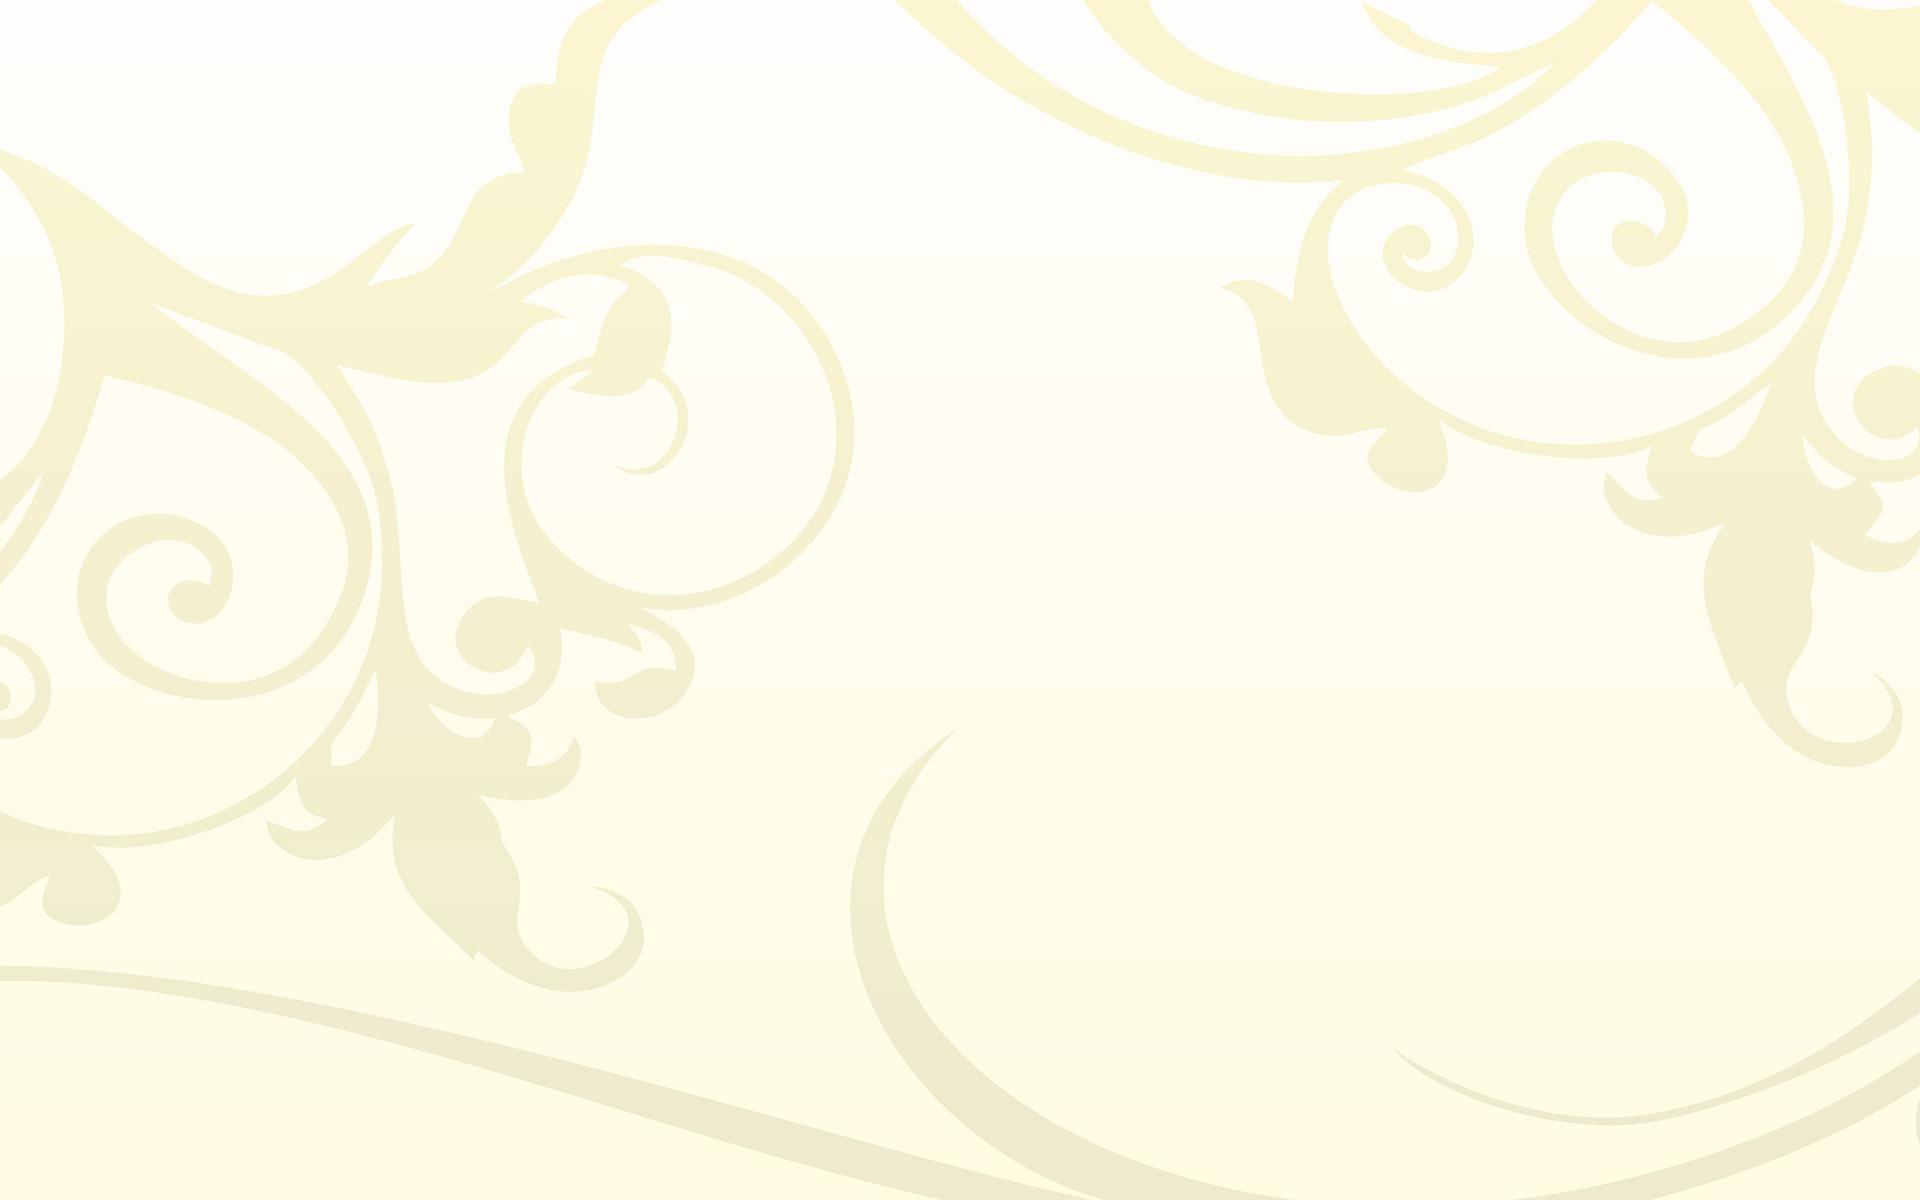 Cream swirls Wallpaper 9700 1920x1200